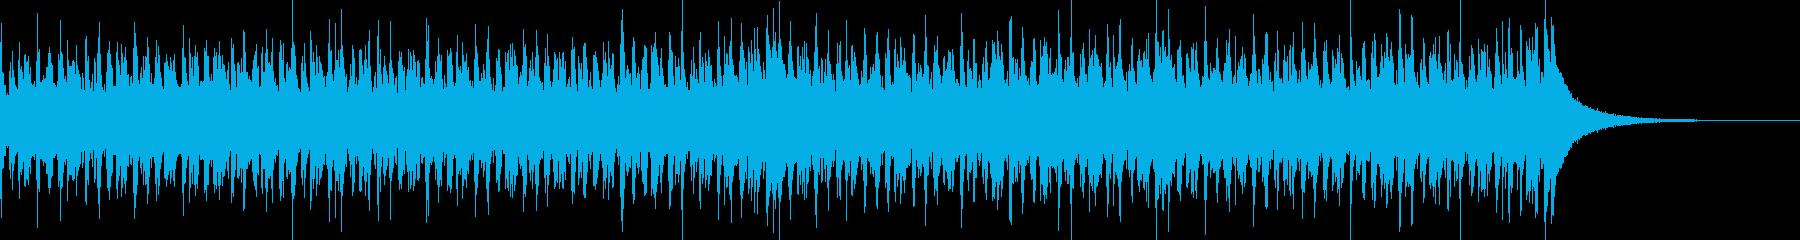 ショートBGM、ハウスポップの再生済みの波形